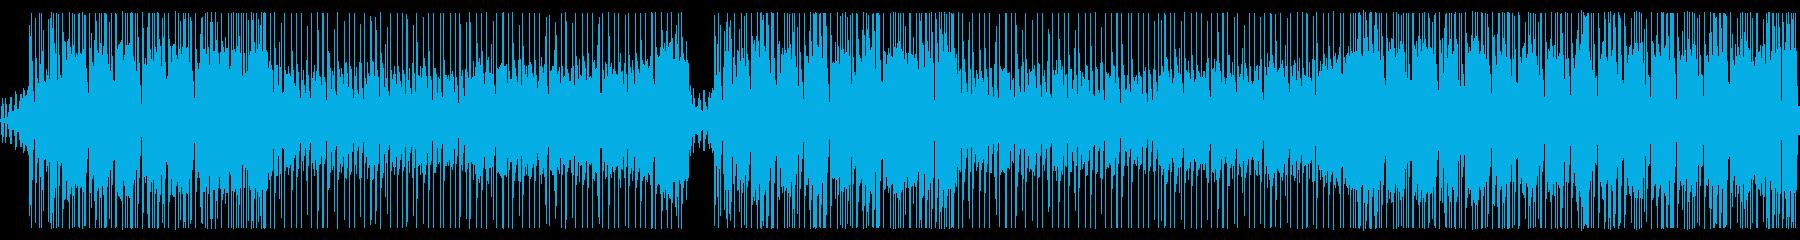 企業VP/爽やか/ソウル/ラッパ/力強さの再生済みの波形